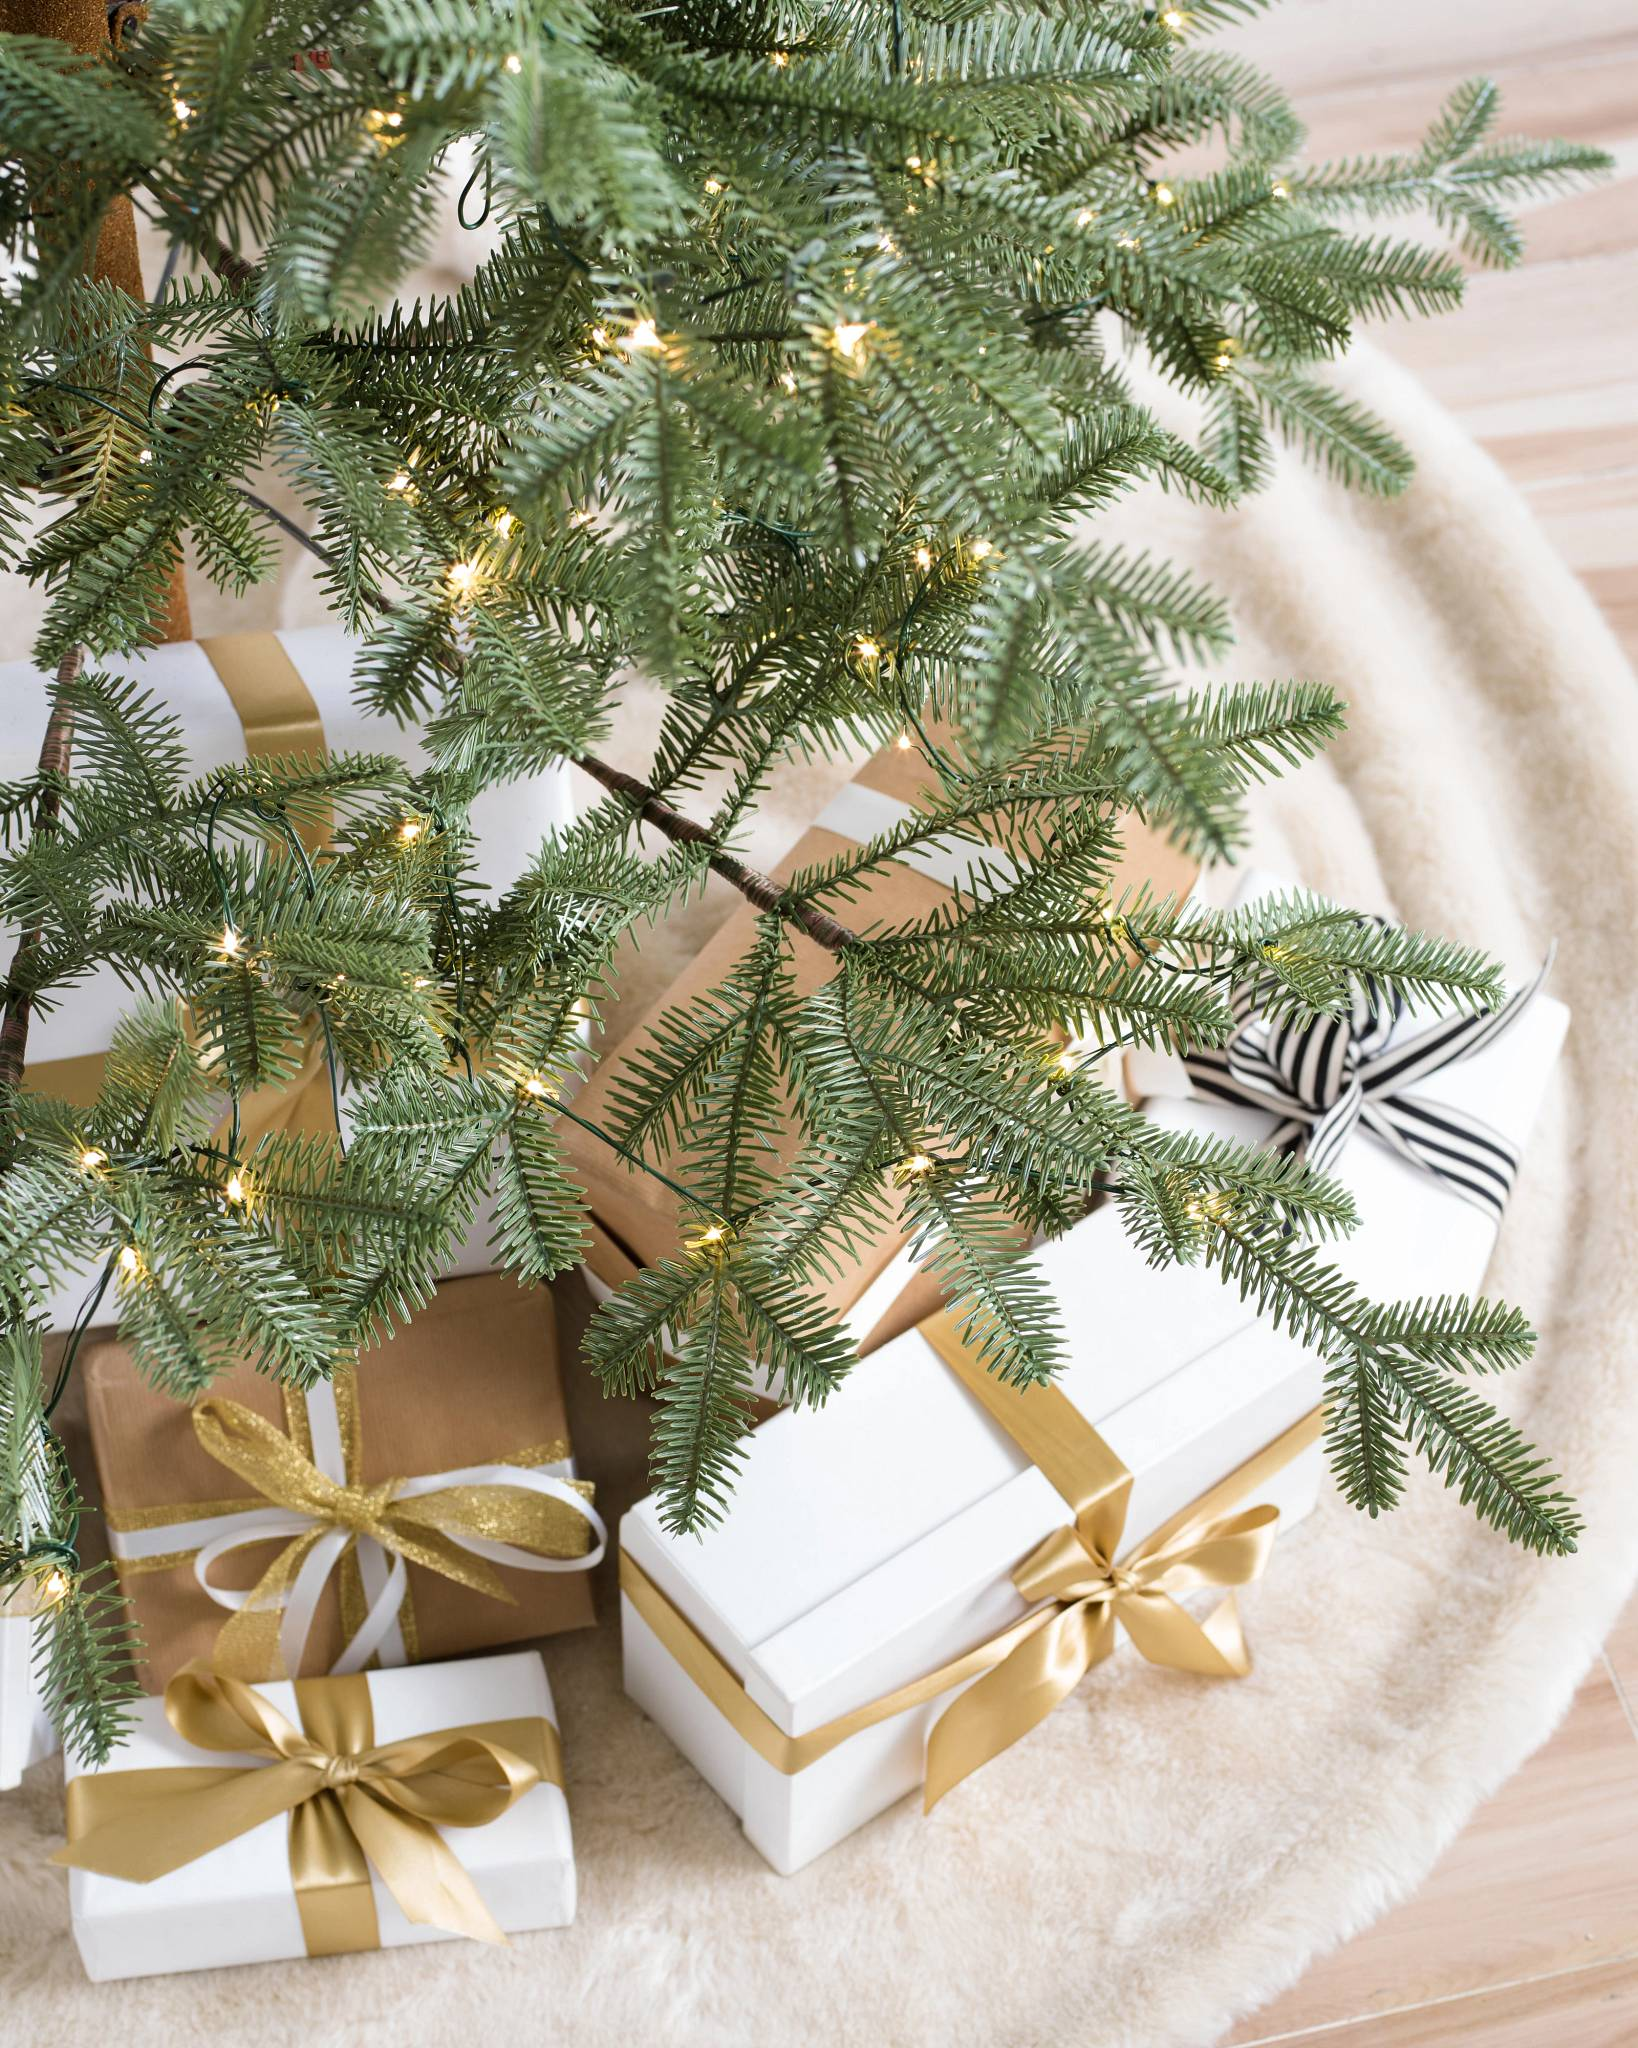 Alpine Balsam Fir Christmas Tree | Balsam Hill